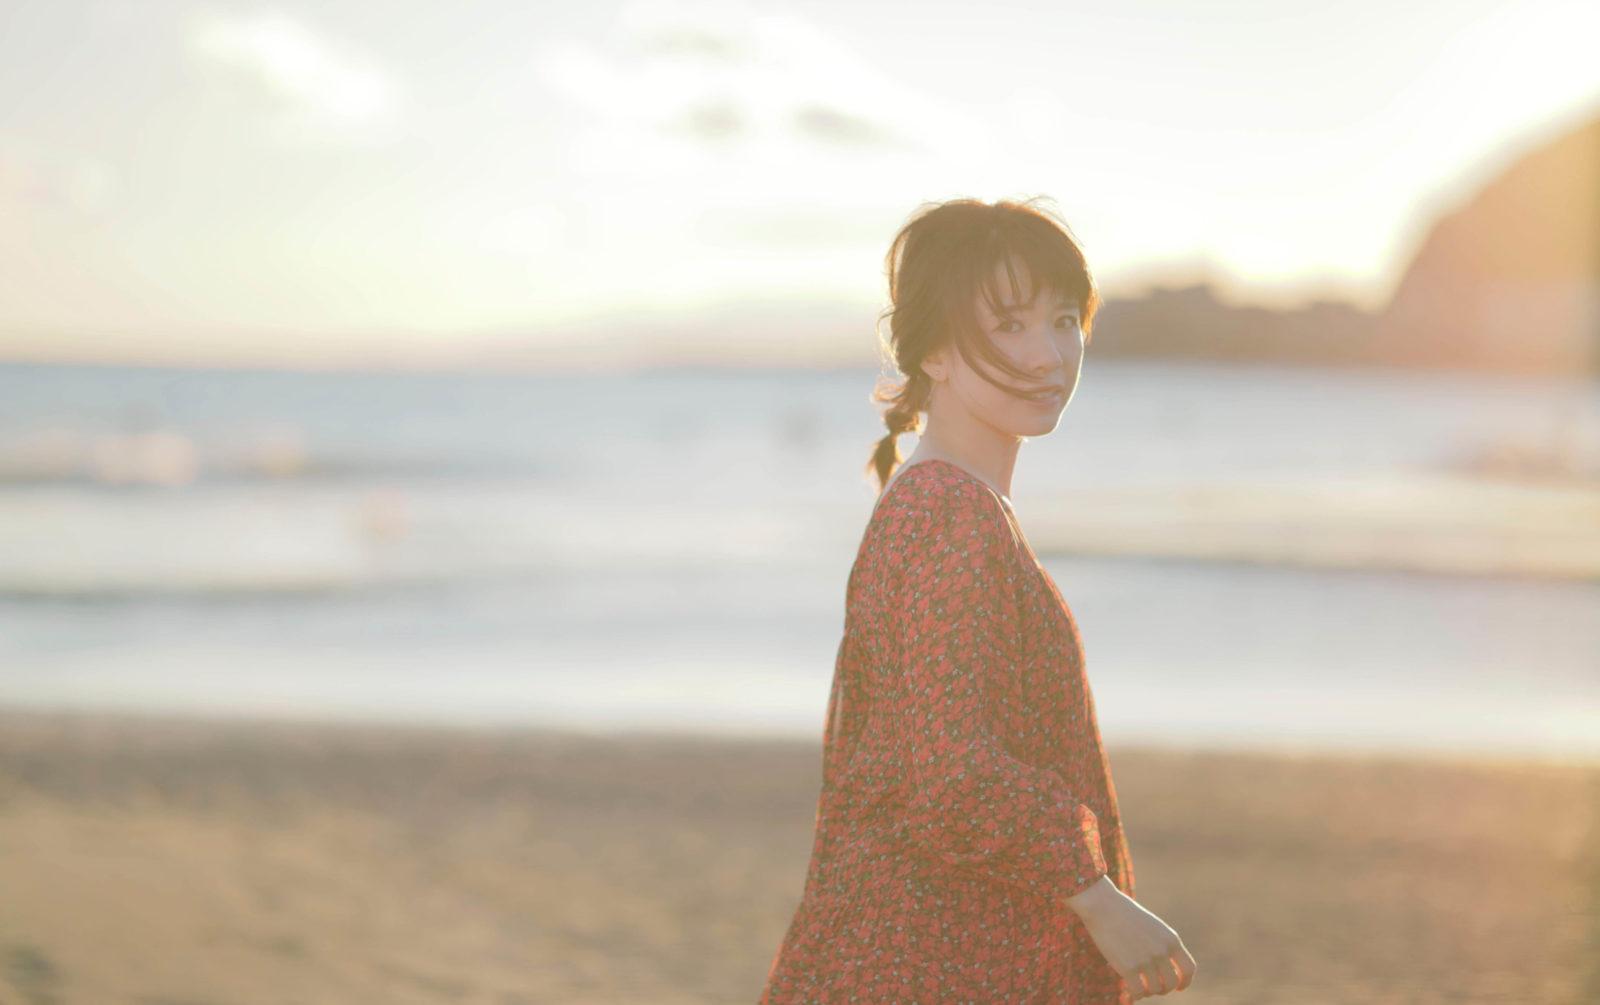 藤田麻衣子、ニューアルバム『necessary』全曲試聴トレイラーが公開サムネイル画像